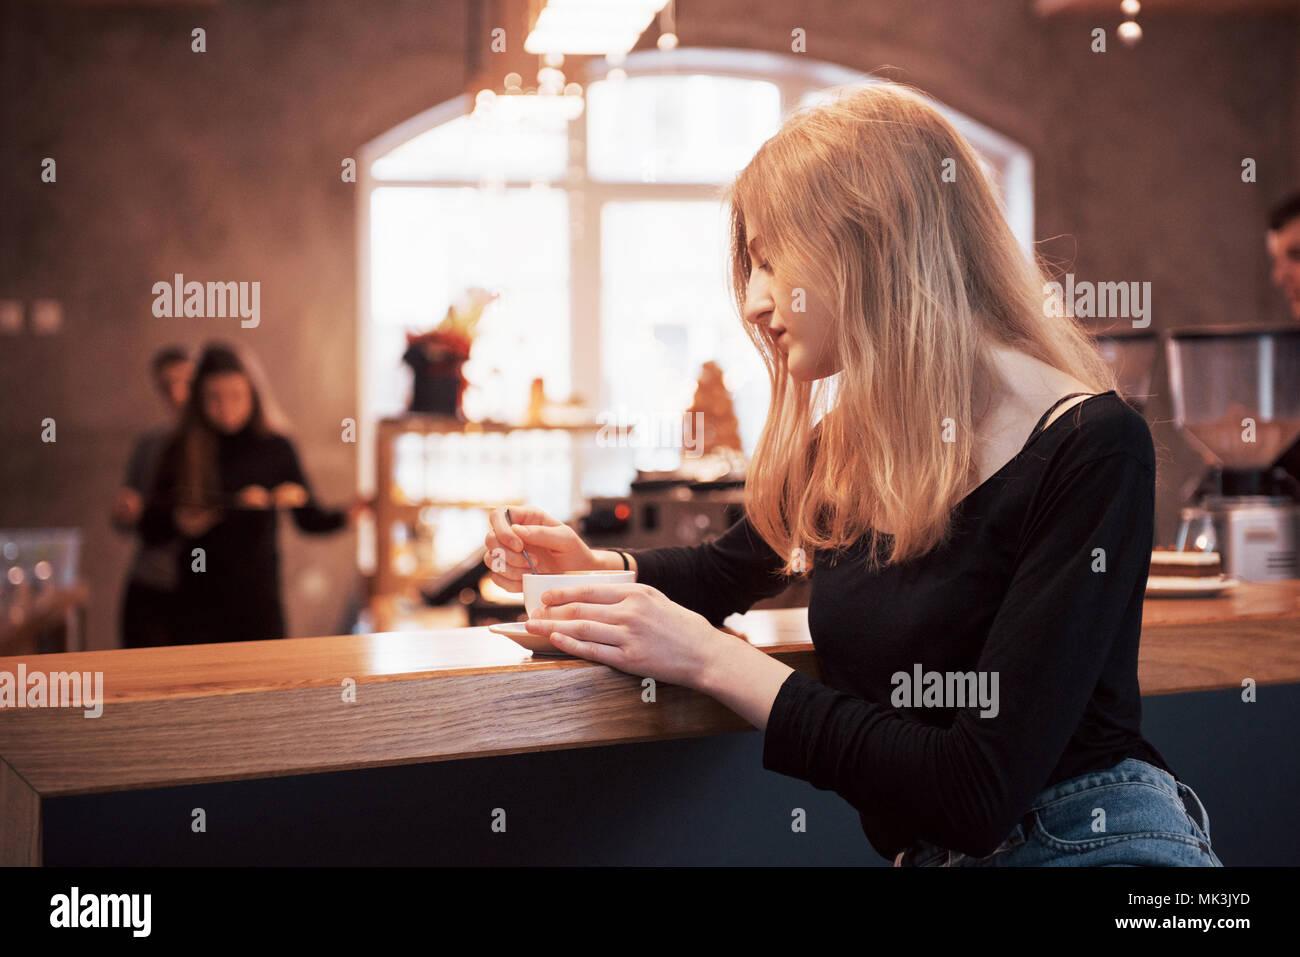 Smiling woman in cafe en utilisant des sms et téléphone mobile dans les réseaux sociaux, siégeant seul Photo Stock